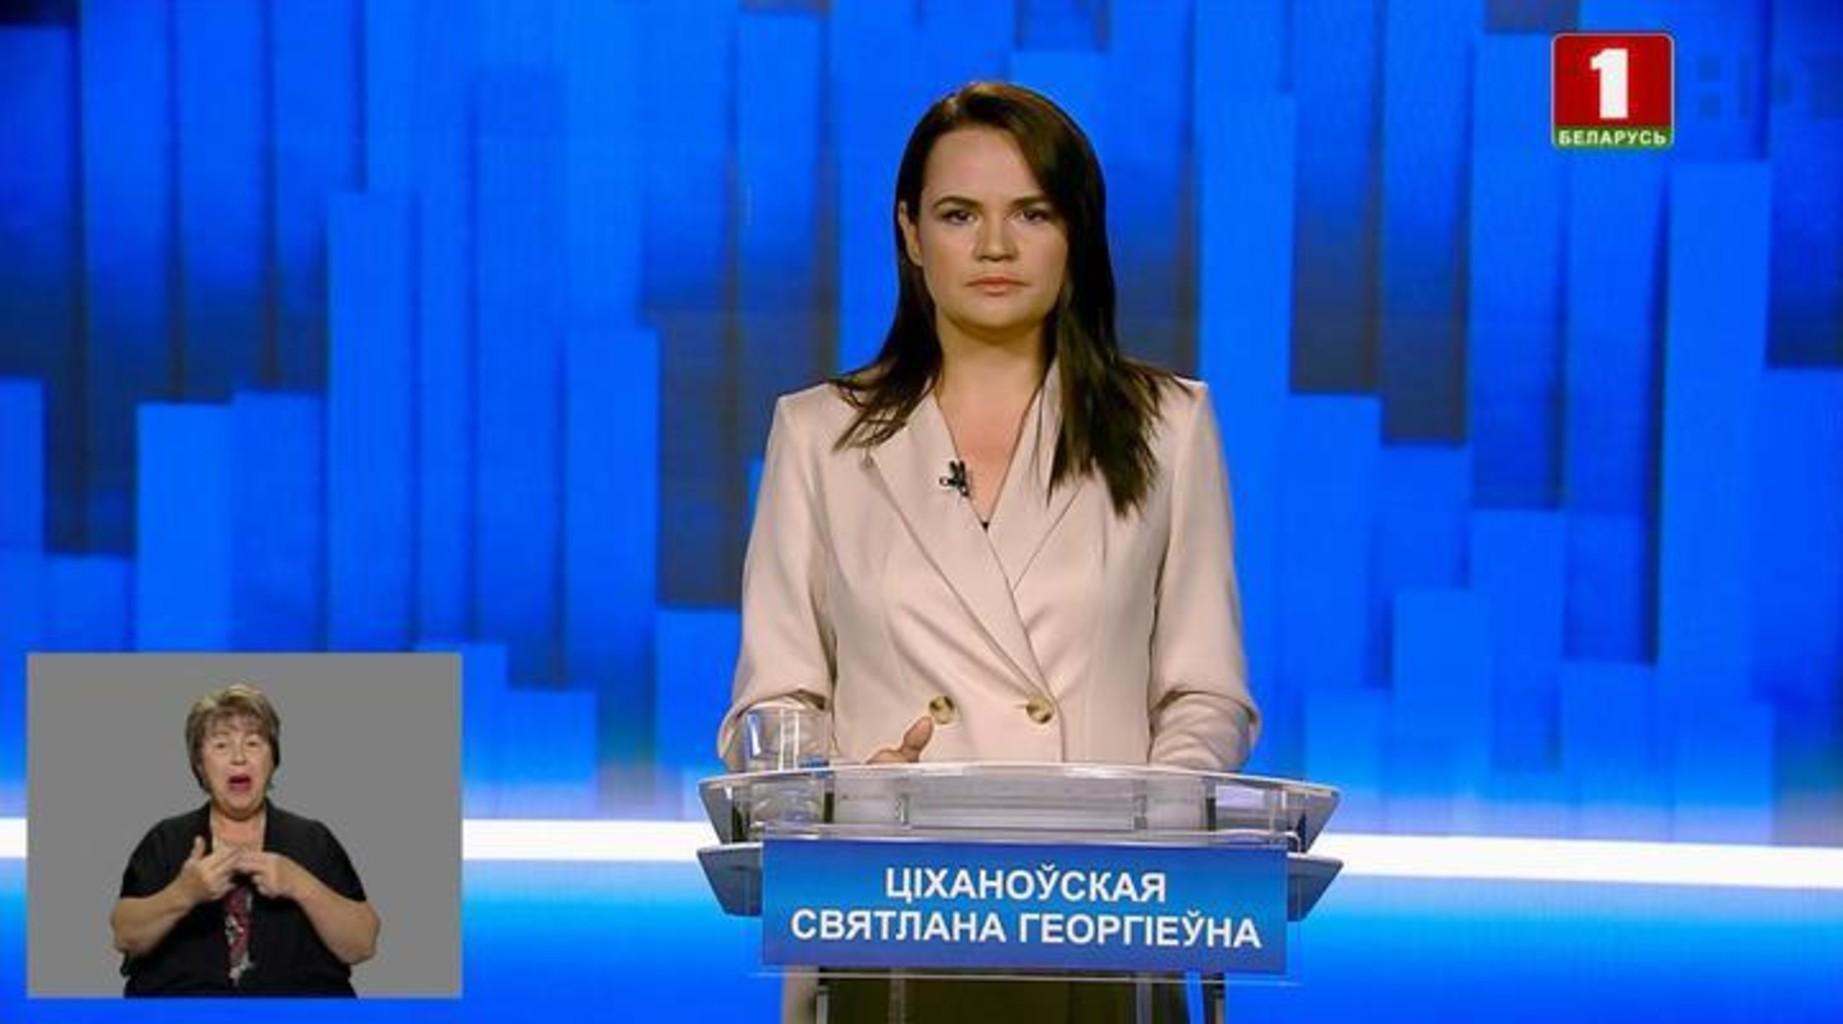 Svetlana tikhanovskaya vystuplenie na tv 2020 07 21 1